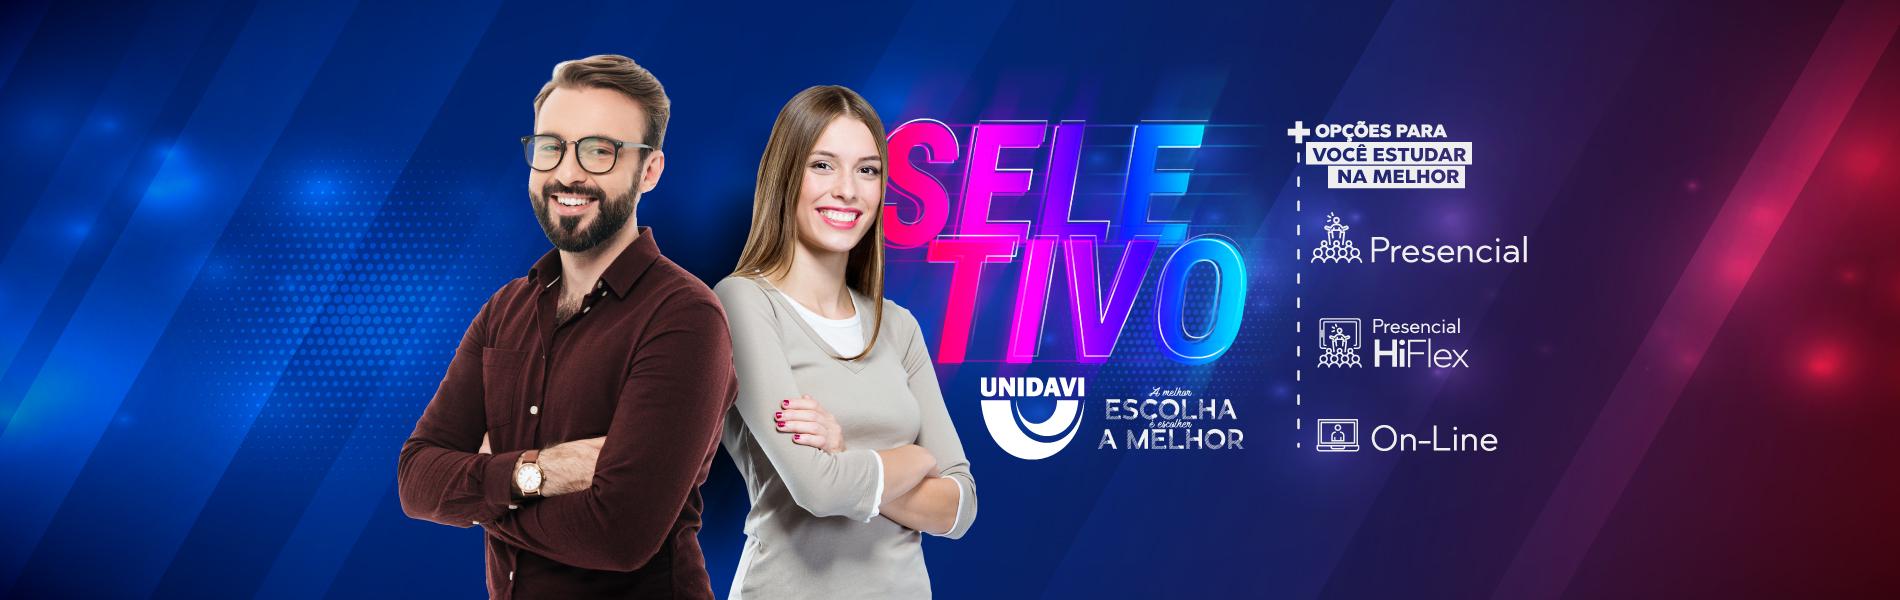 Banner Seletivo 2021